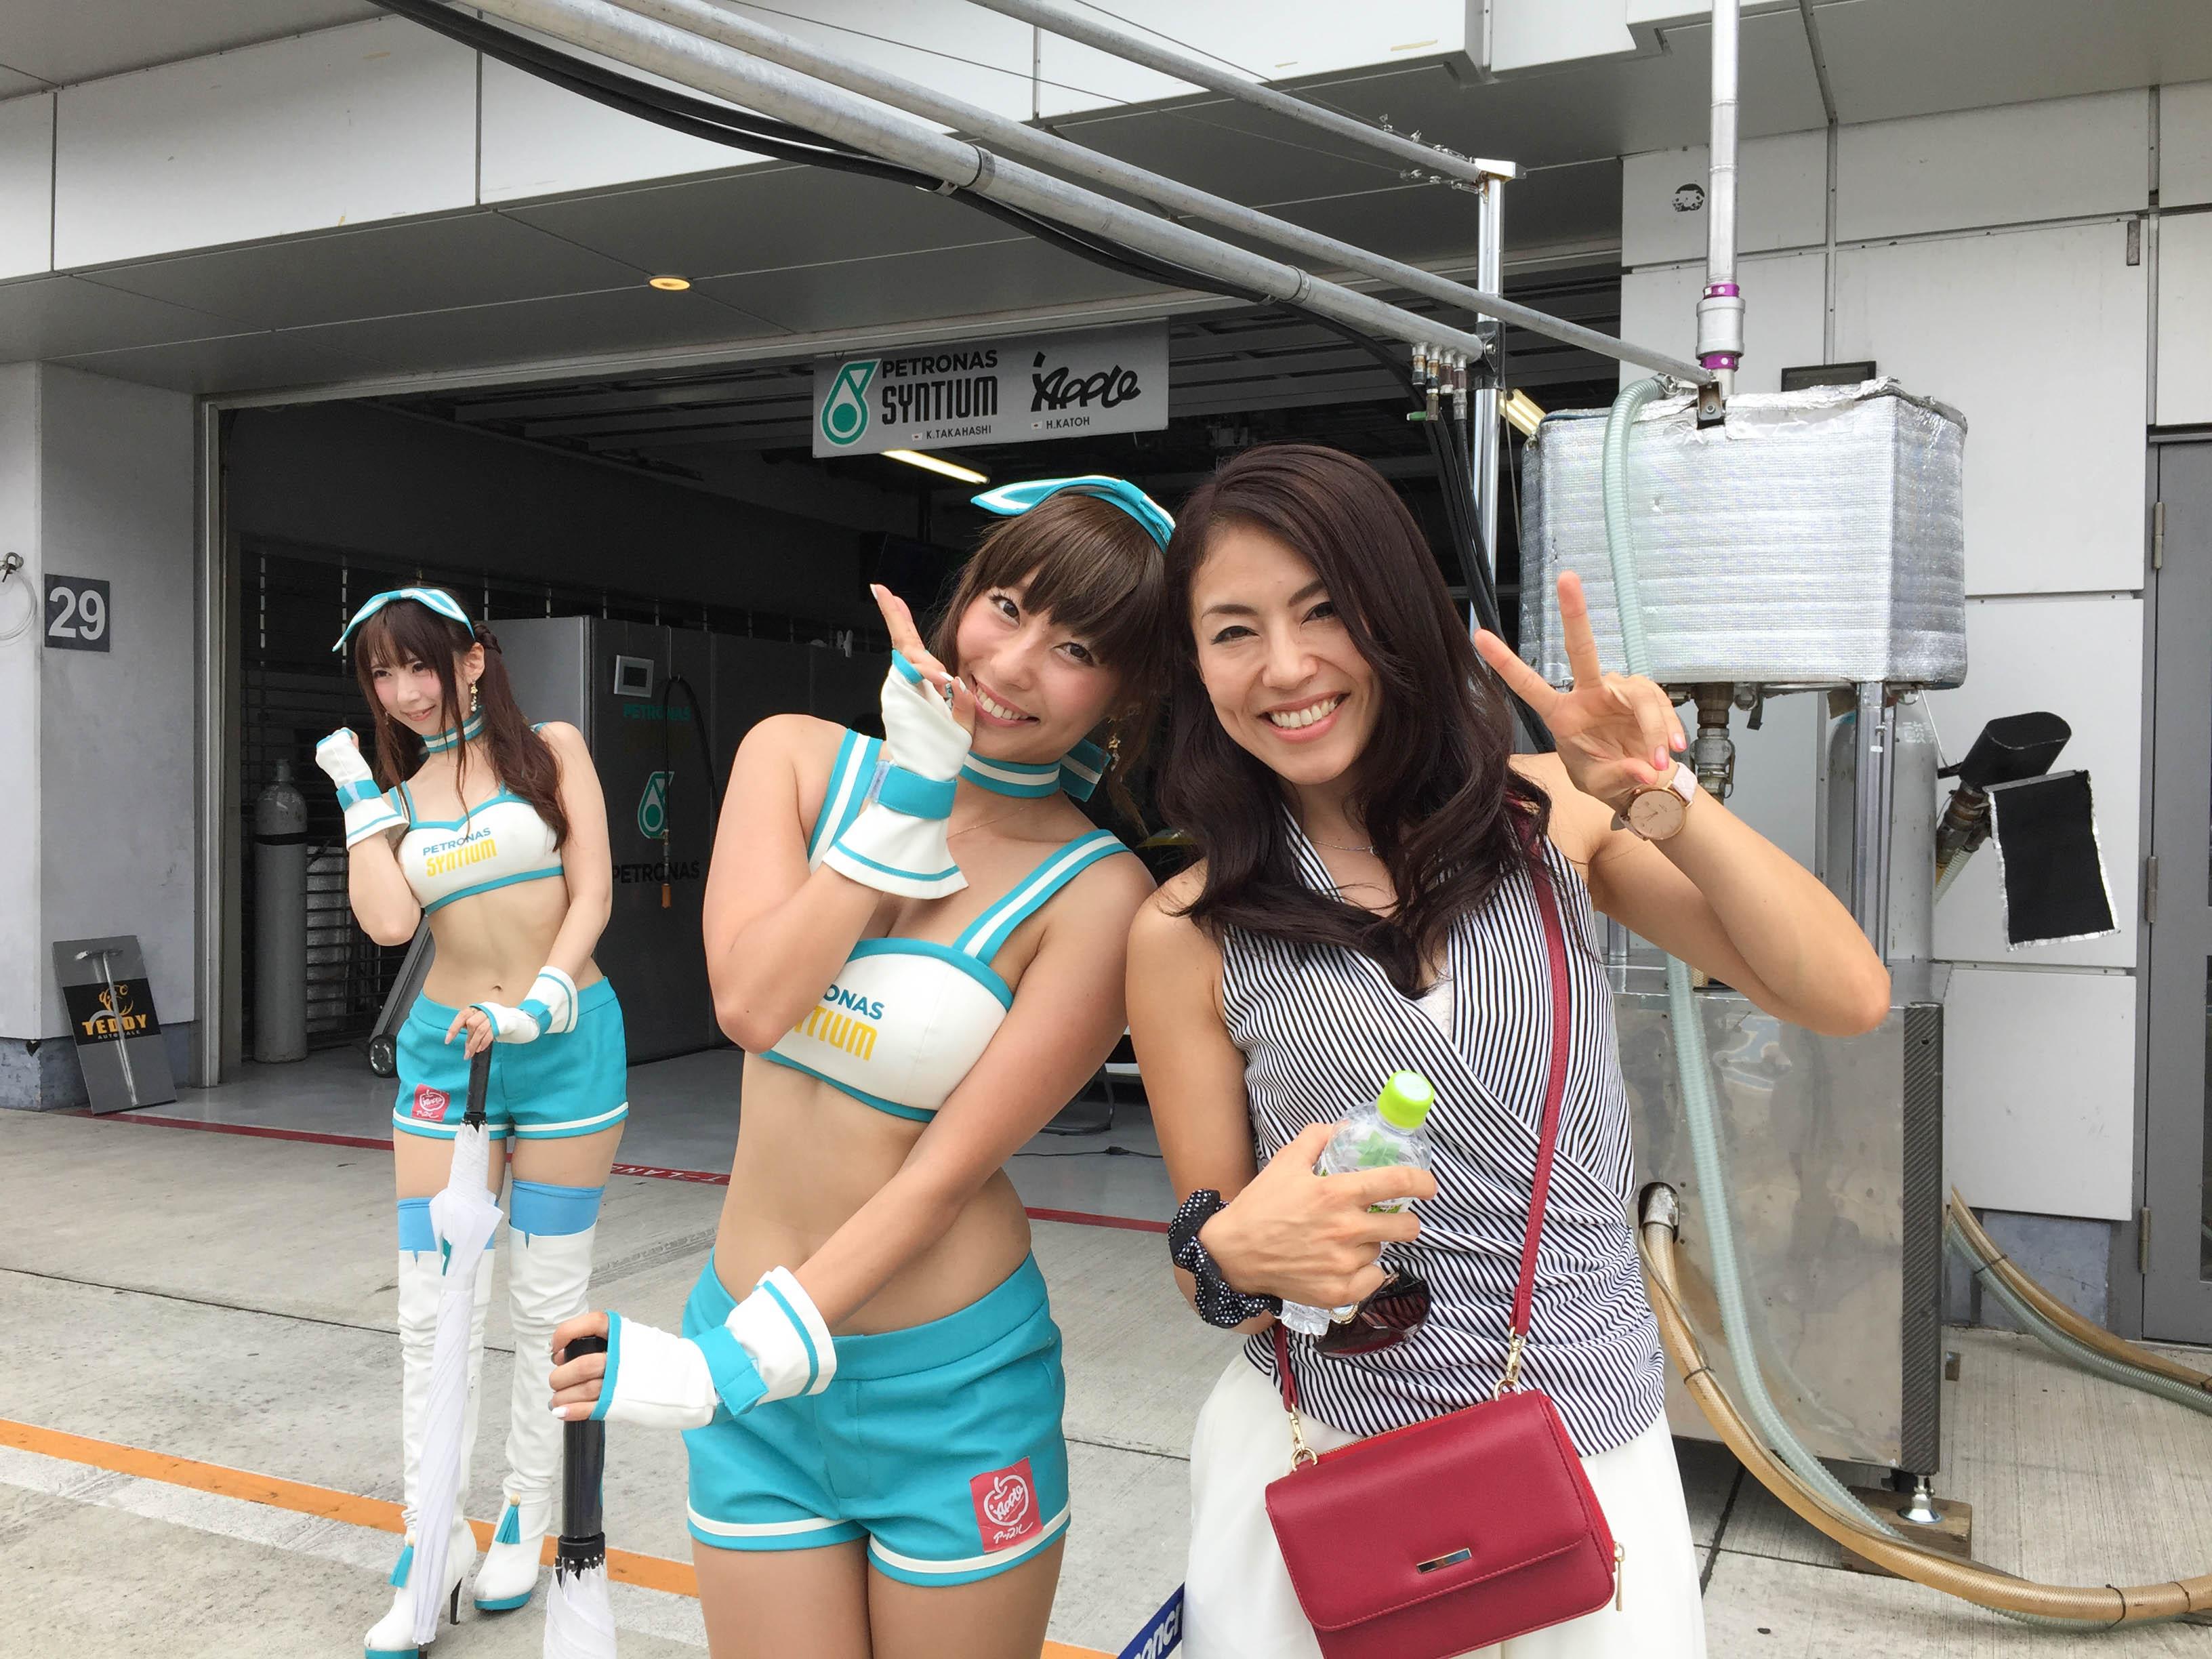 東京ガレージハウス 賃貸ガレージハウス ガレージハウス賃貸 シャッター付きガレージ インセル INCELL 横浜ガレージハウス 相模原シャッター付きガレージハウス